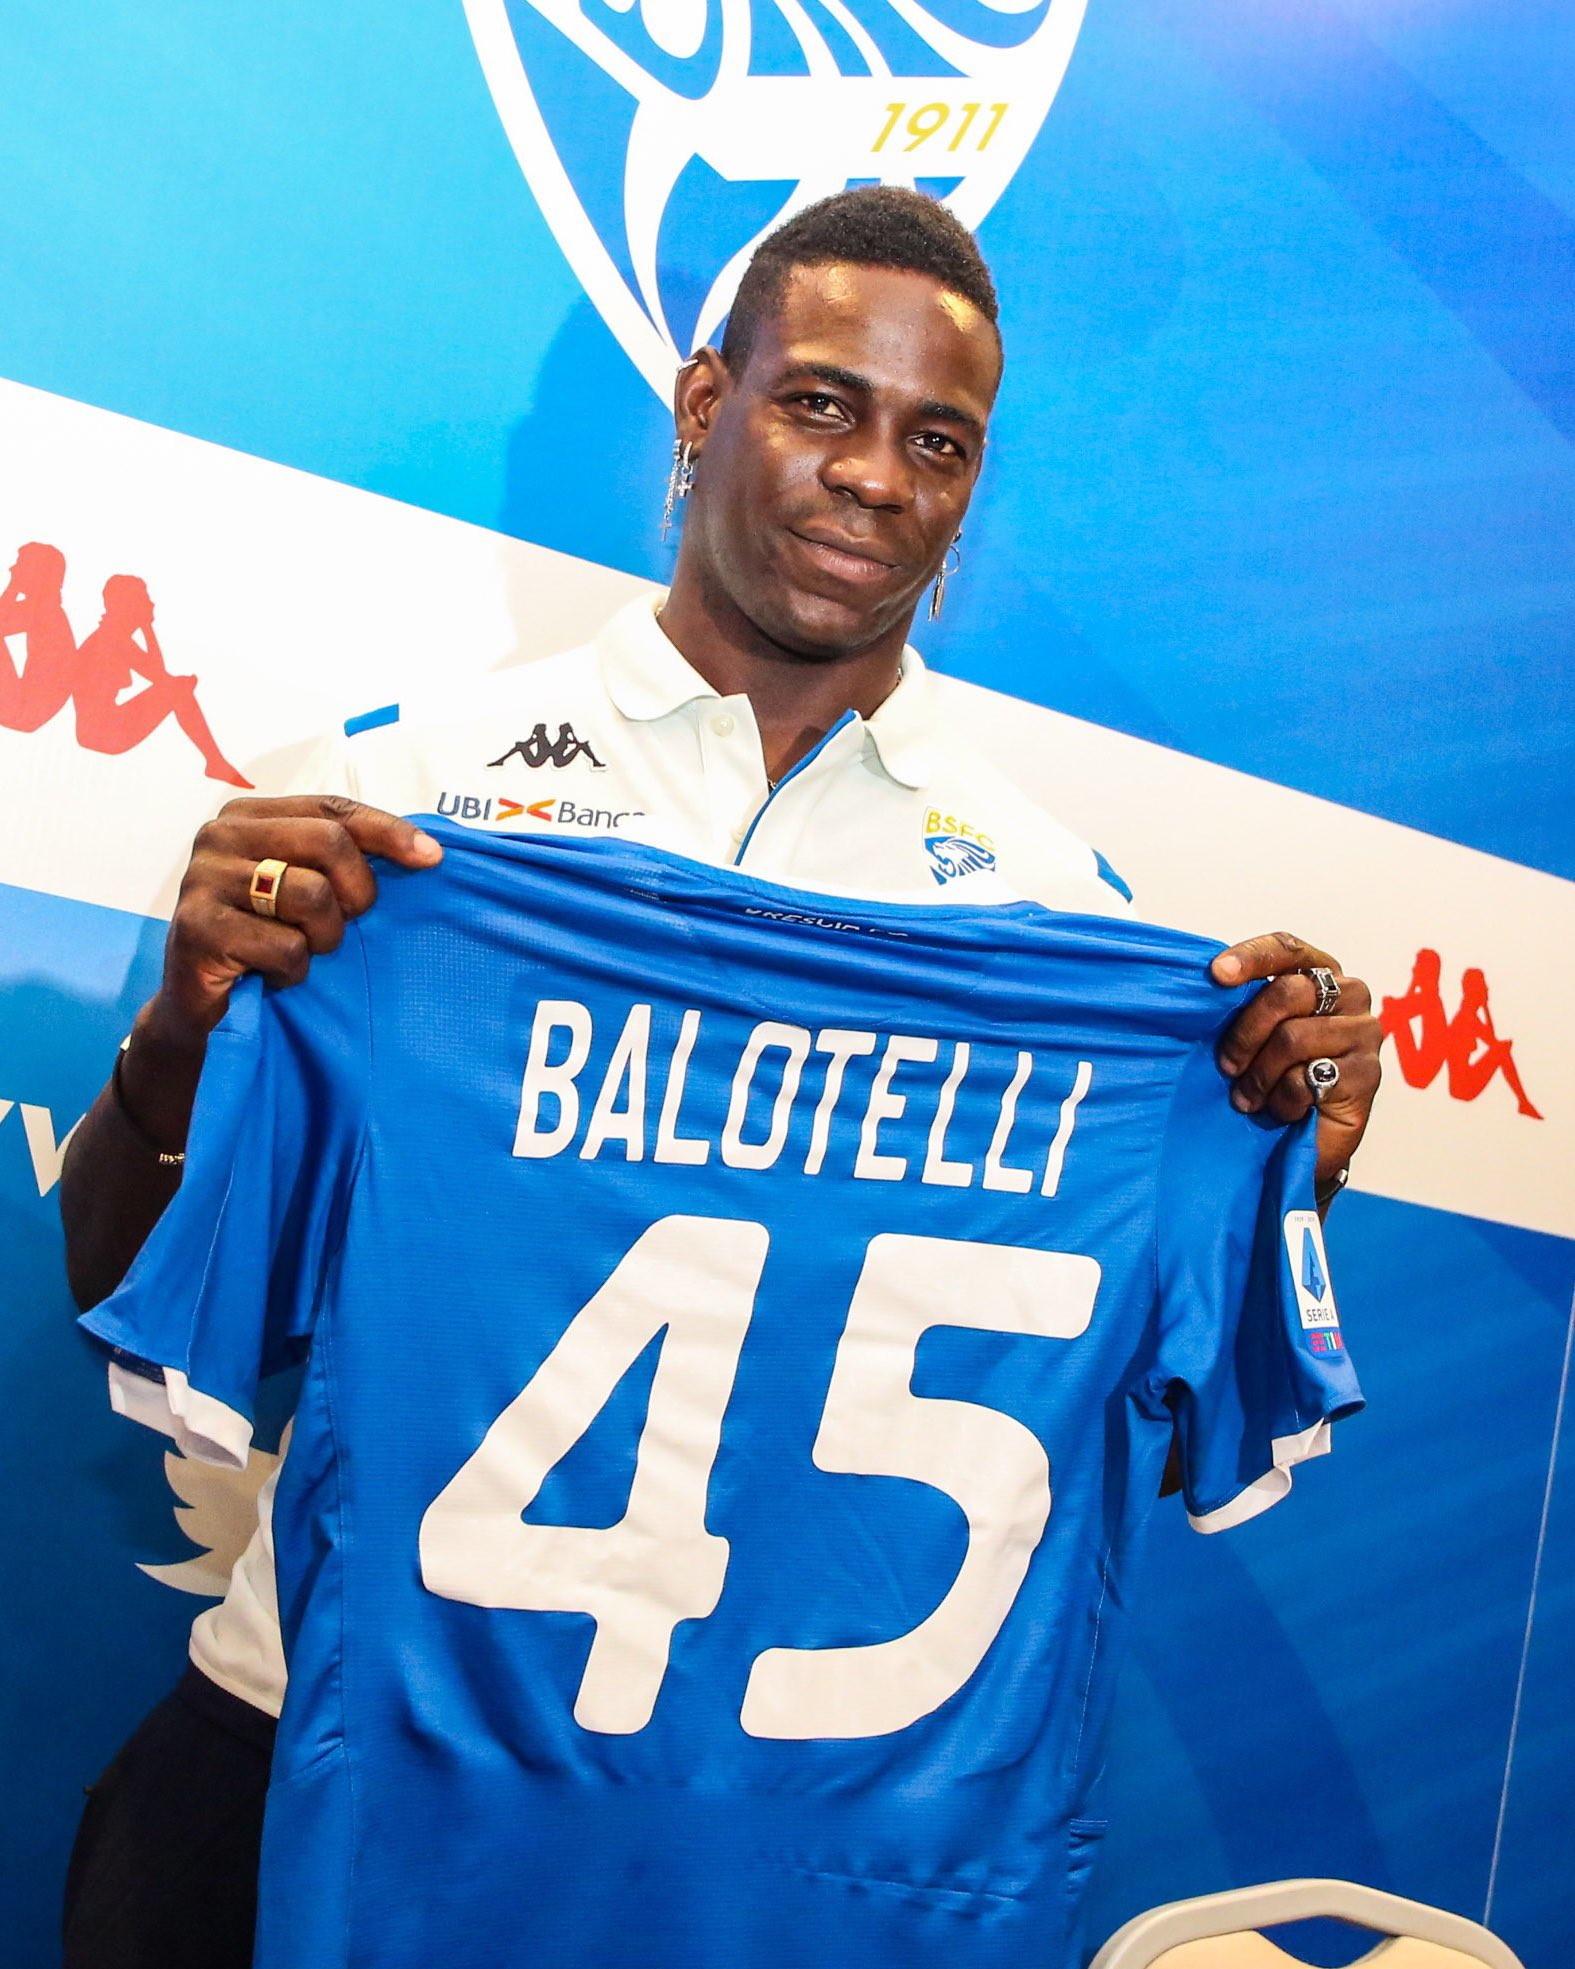 19) Brescia: 28 milioni di euro (Balotelli il più pagato: 1,5 milioni)